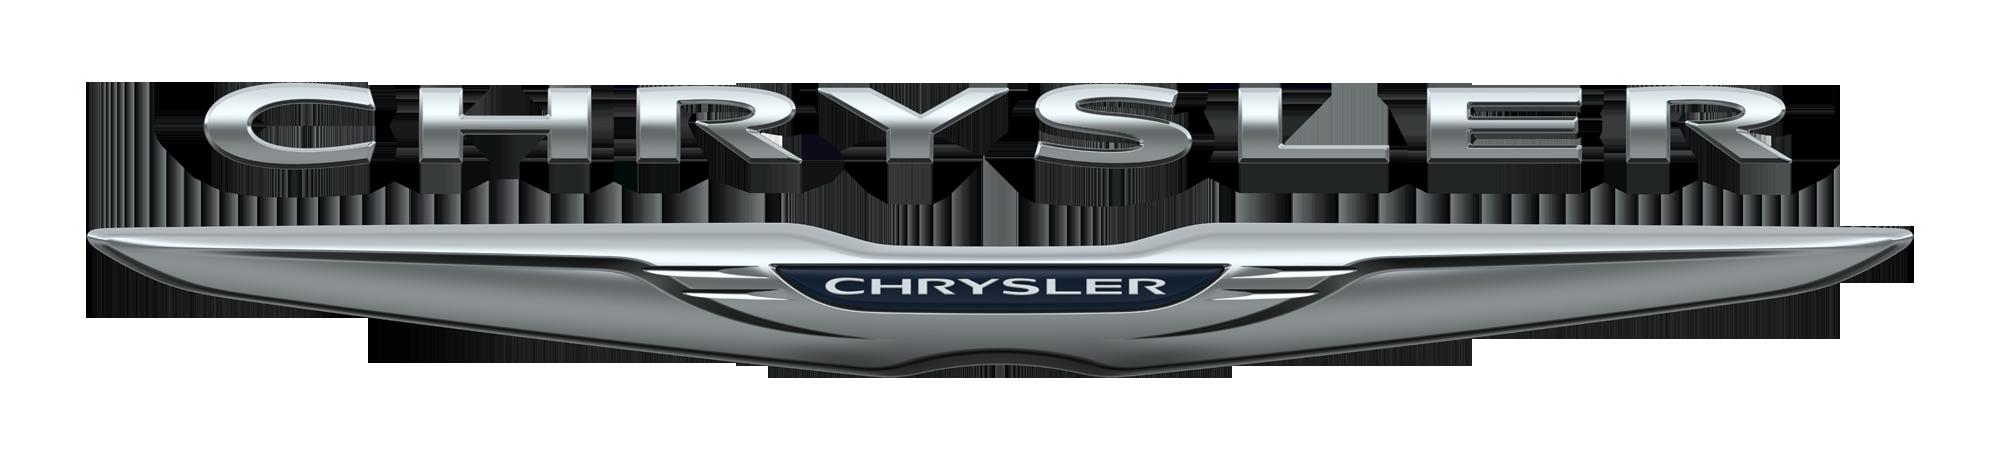 chrysler-logo-png-4